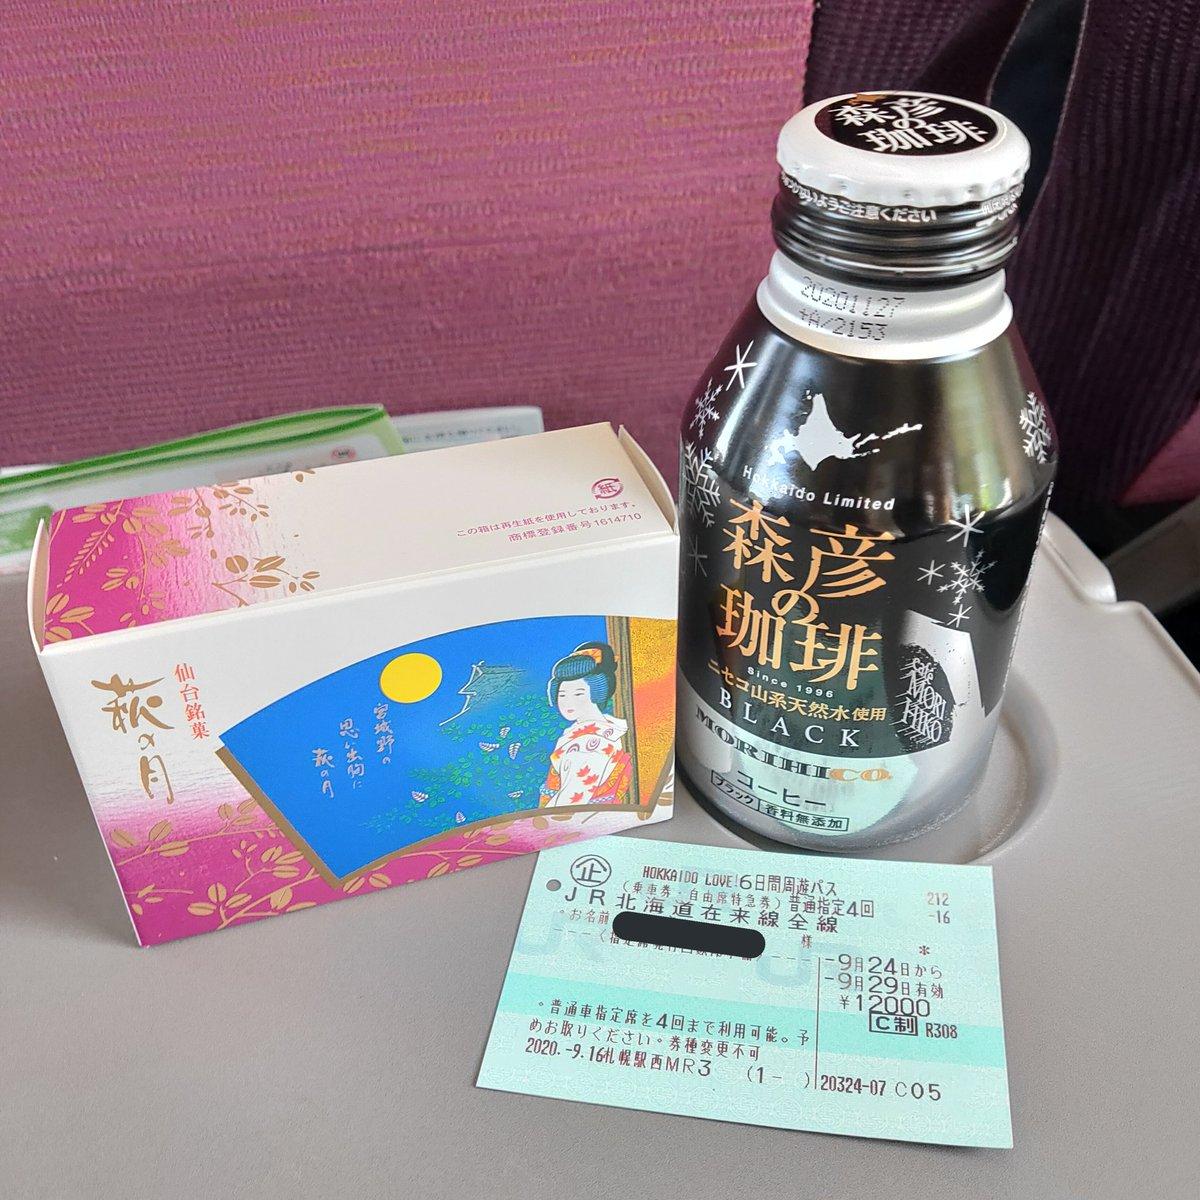 test ツイッターメディア - 北海道の特急車内で萩の月を食べています🌕️(神戸に住んでいるのに? https://t.co/PaTzqRvgUH